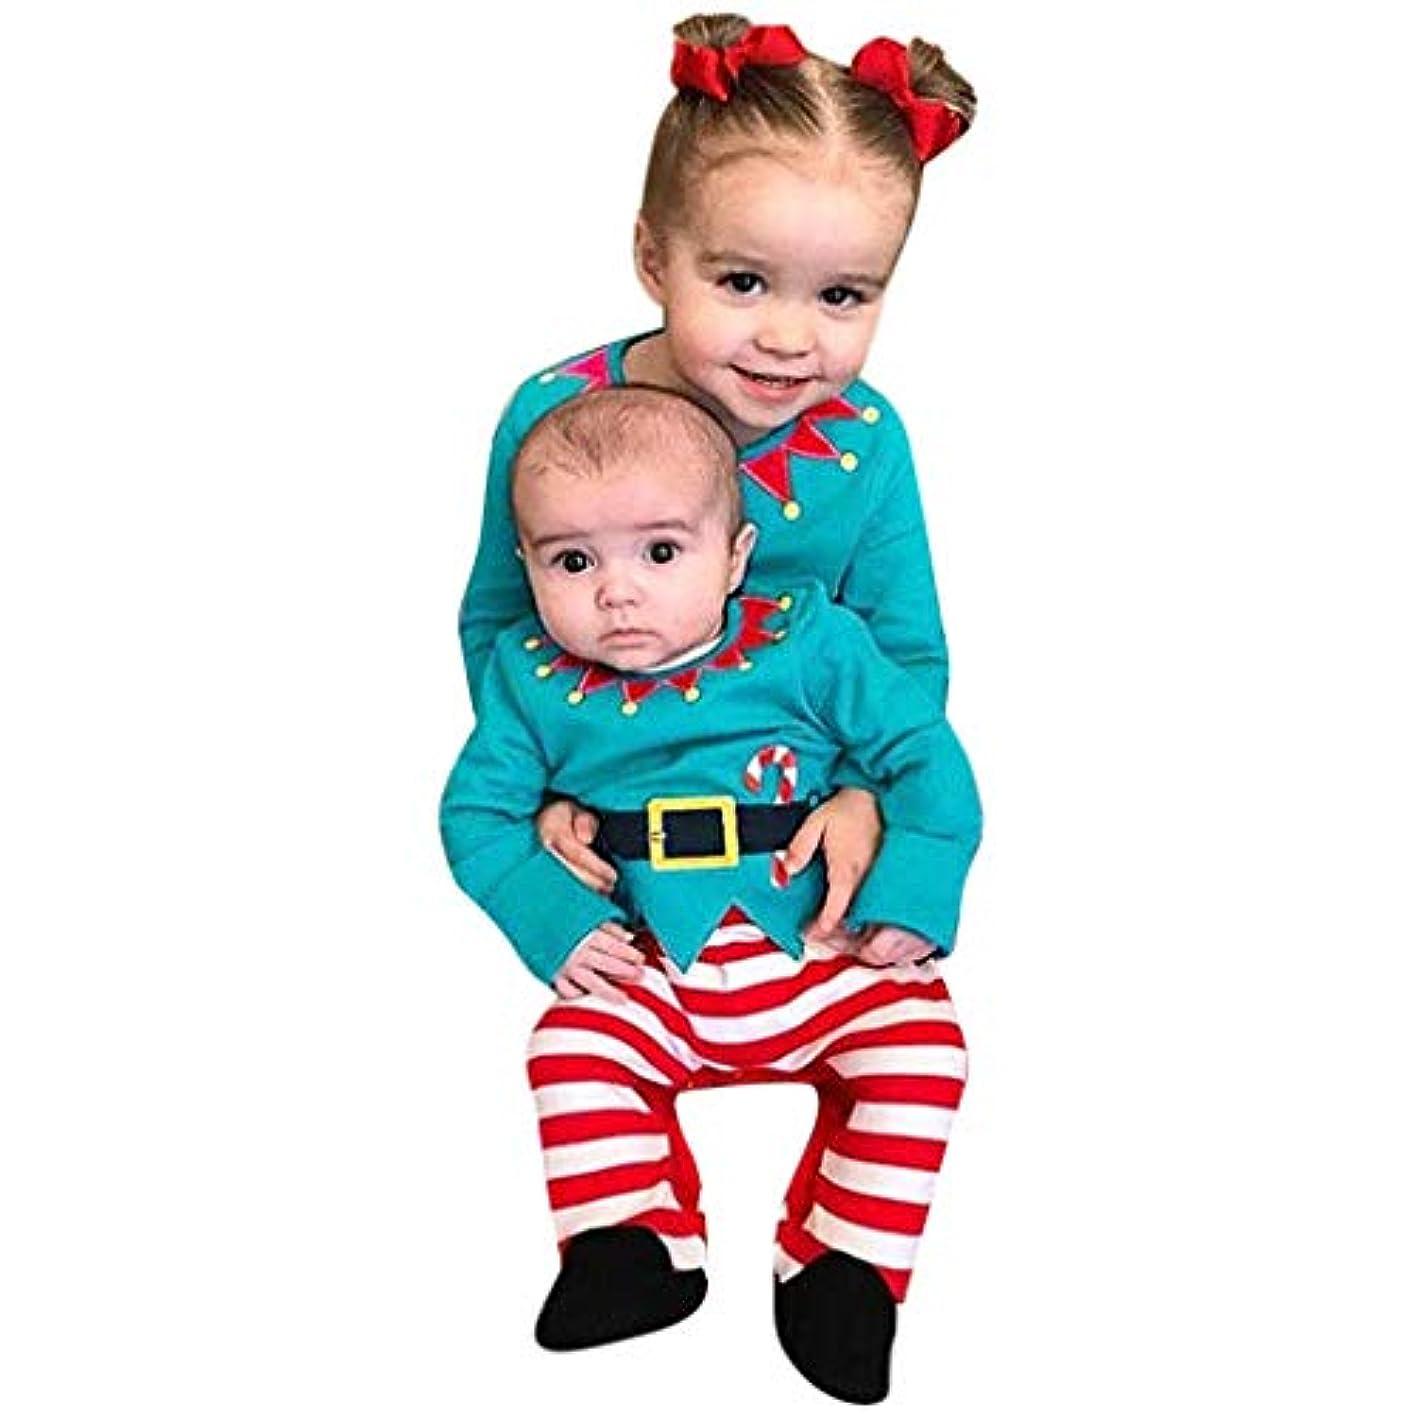 有毒普通に拒否MISFIY 赤ちゃん ベビー服 カバーオール エルフ 着ぐるみ クリスマス ロンパース パジャマ 長袖 綿 肌着 男の子 女の子 可愛い コスチューム カジュアル 柔らかい 誕生記念 出産祝い